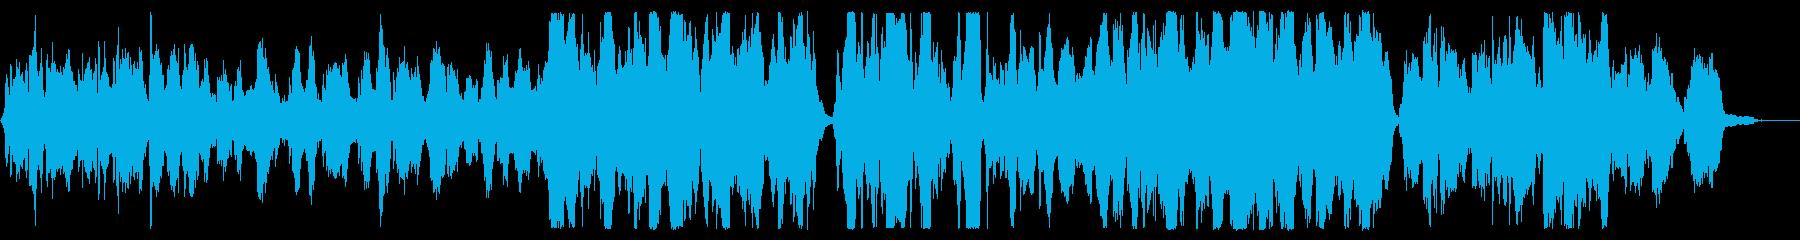 二つのチェロとピアノの抒情的な挿入歌 の再生済みの波形